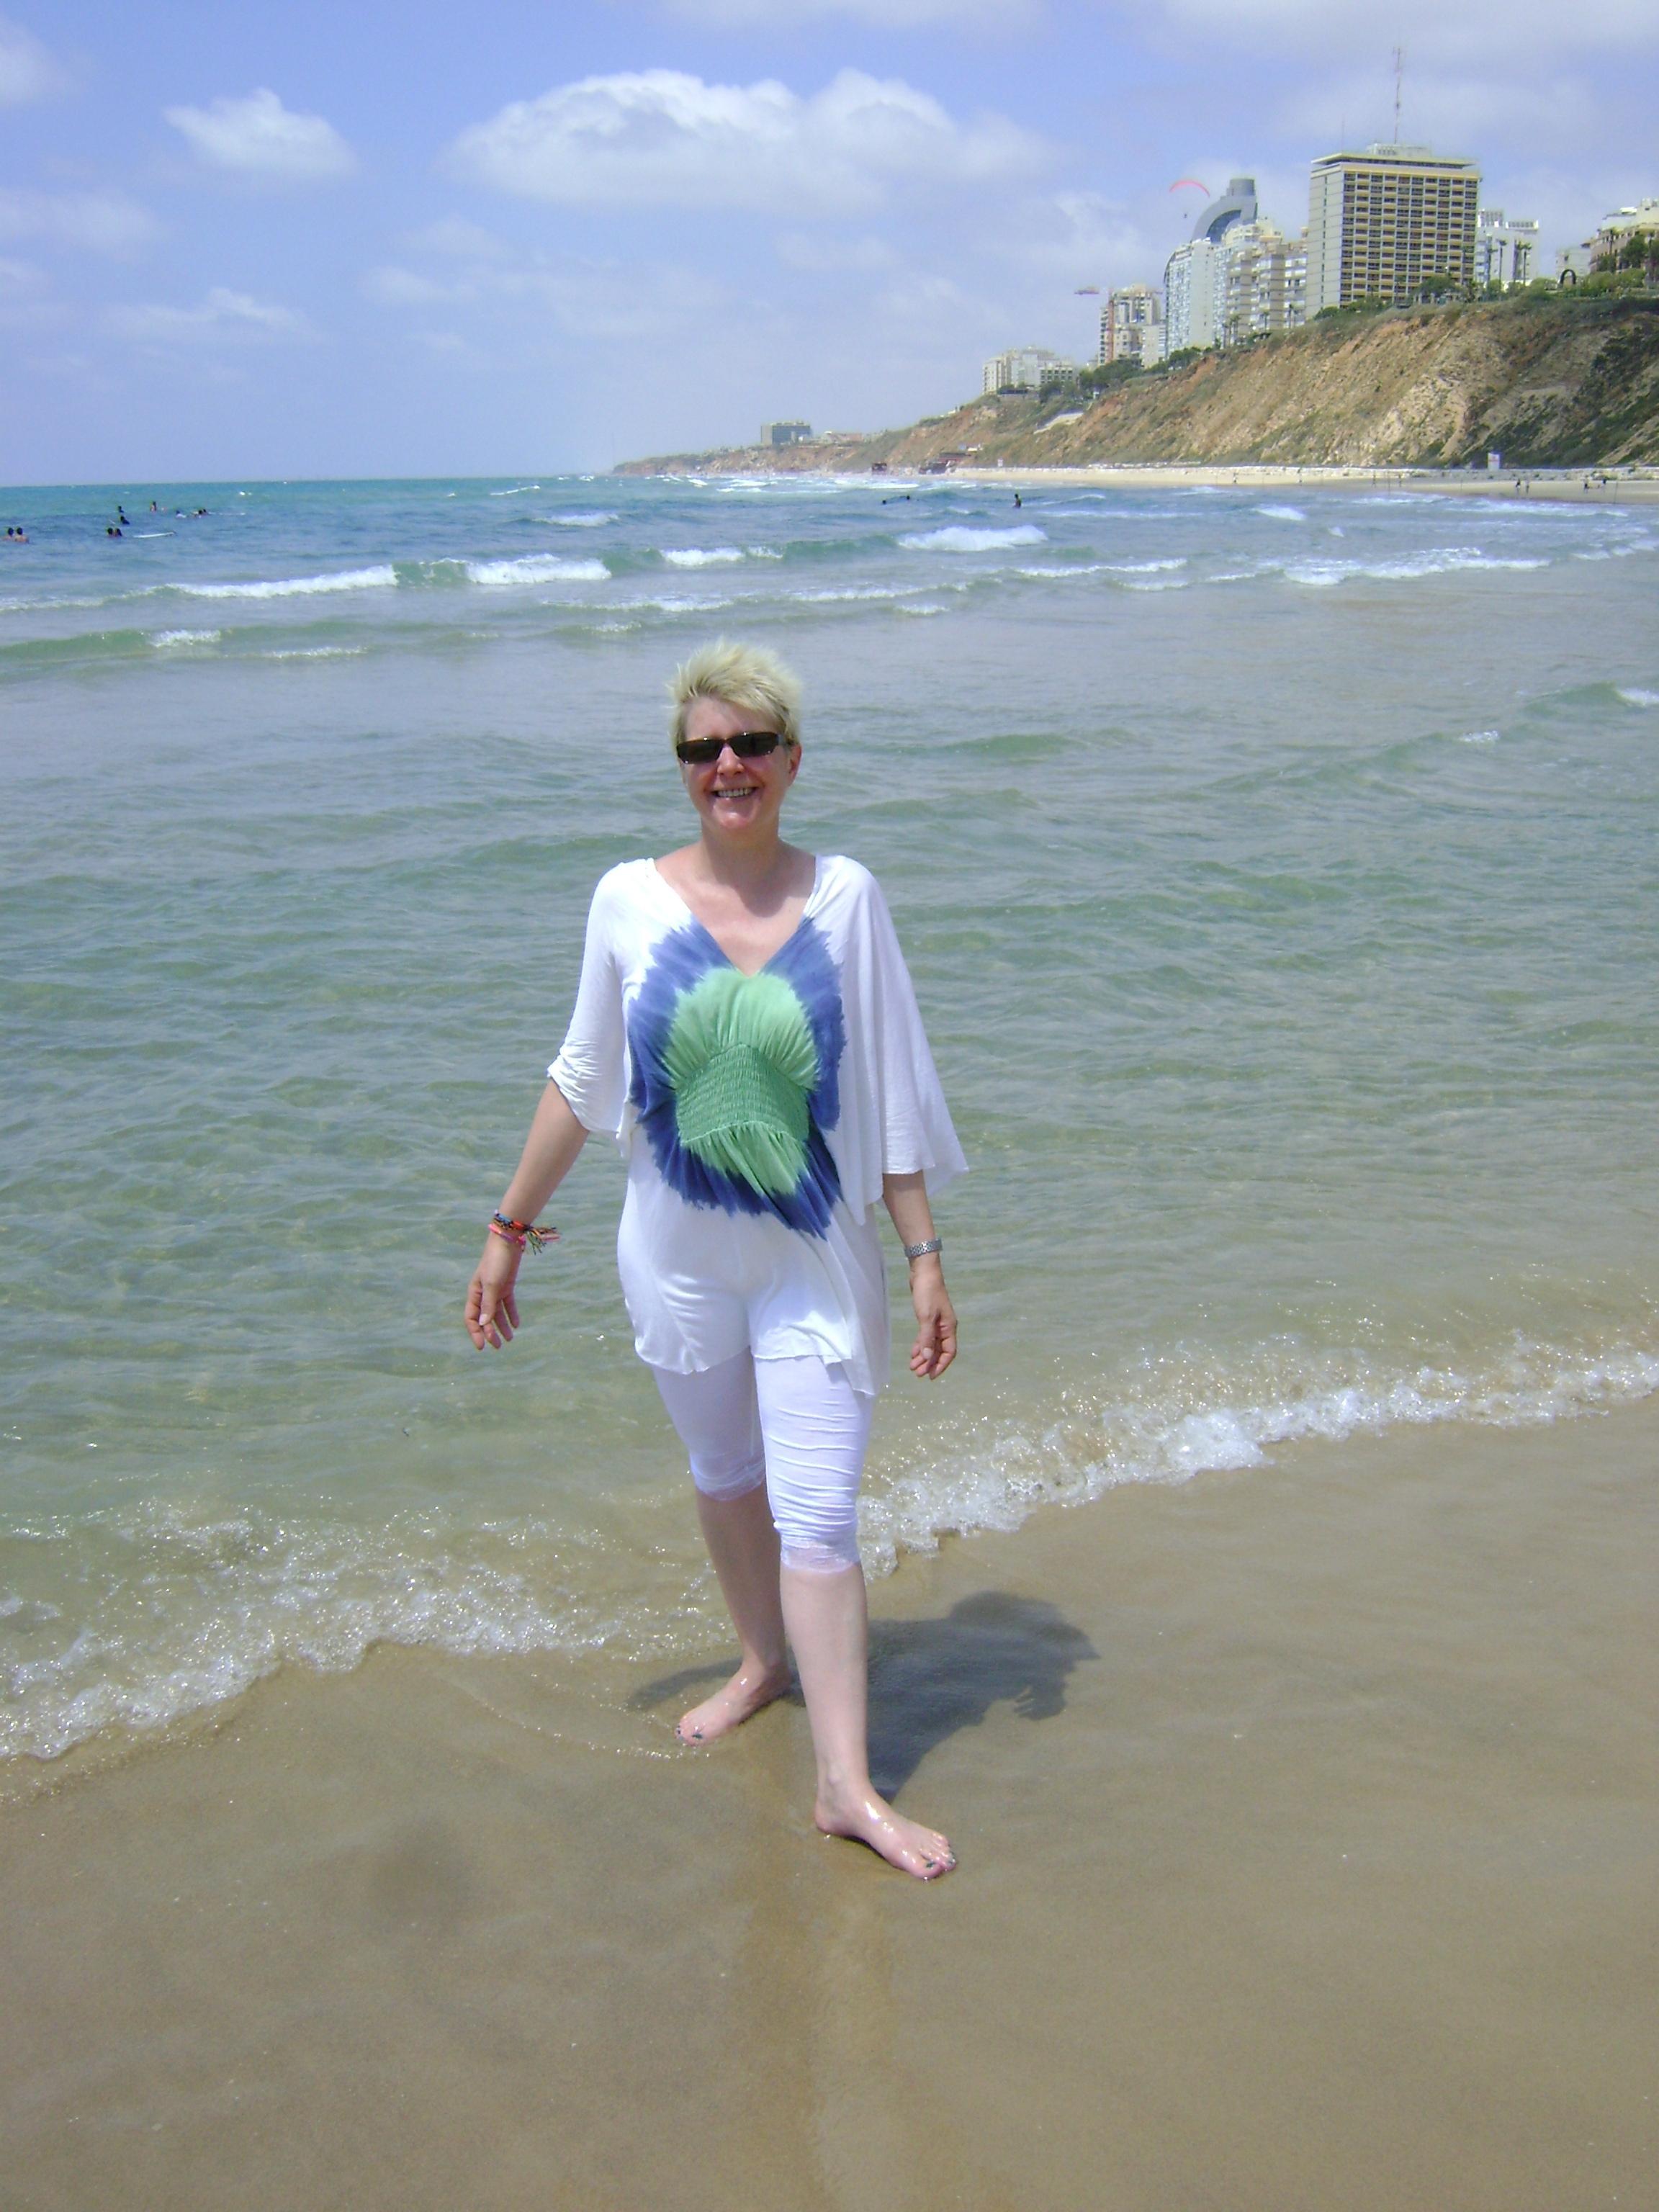 Me on the Beach 2